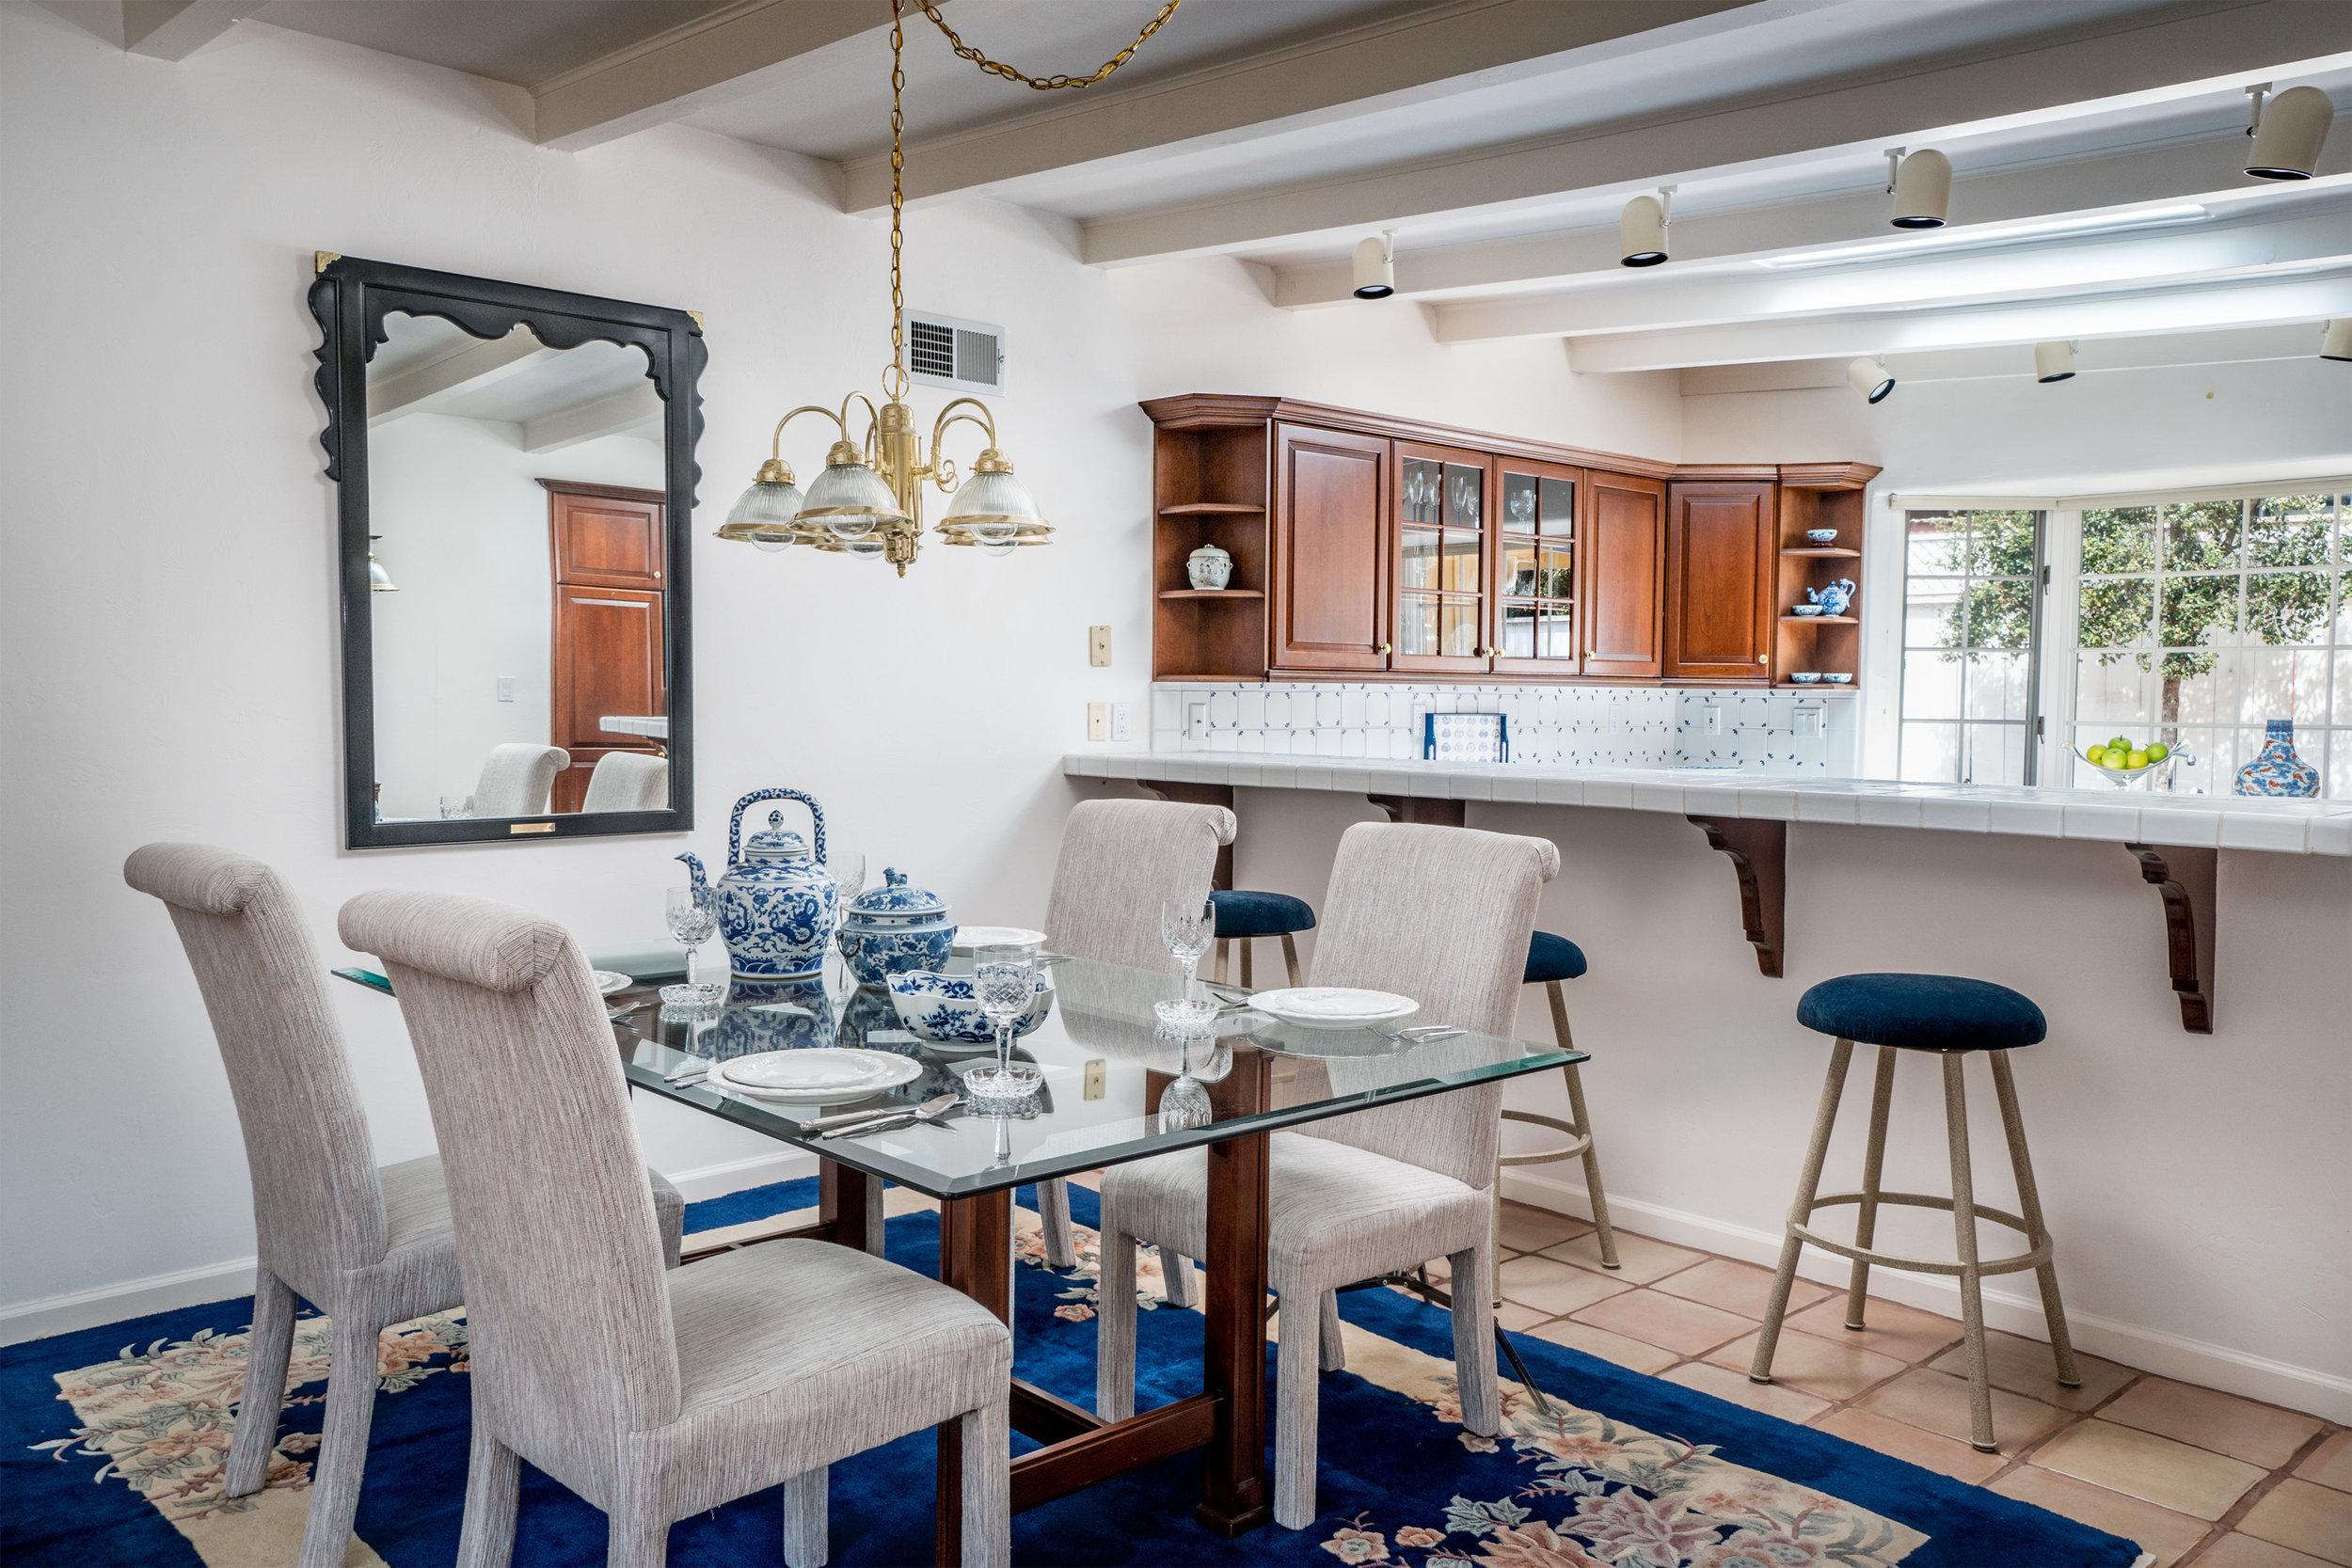 3 dining kitchen.jpg